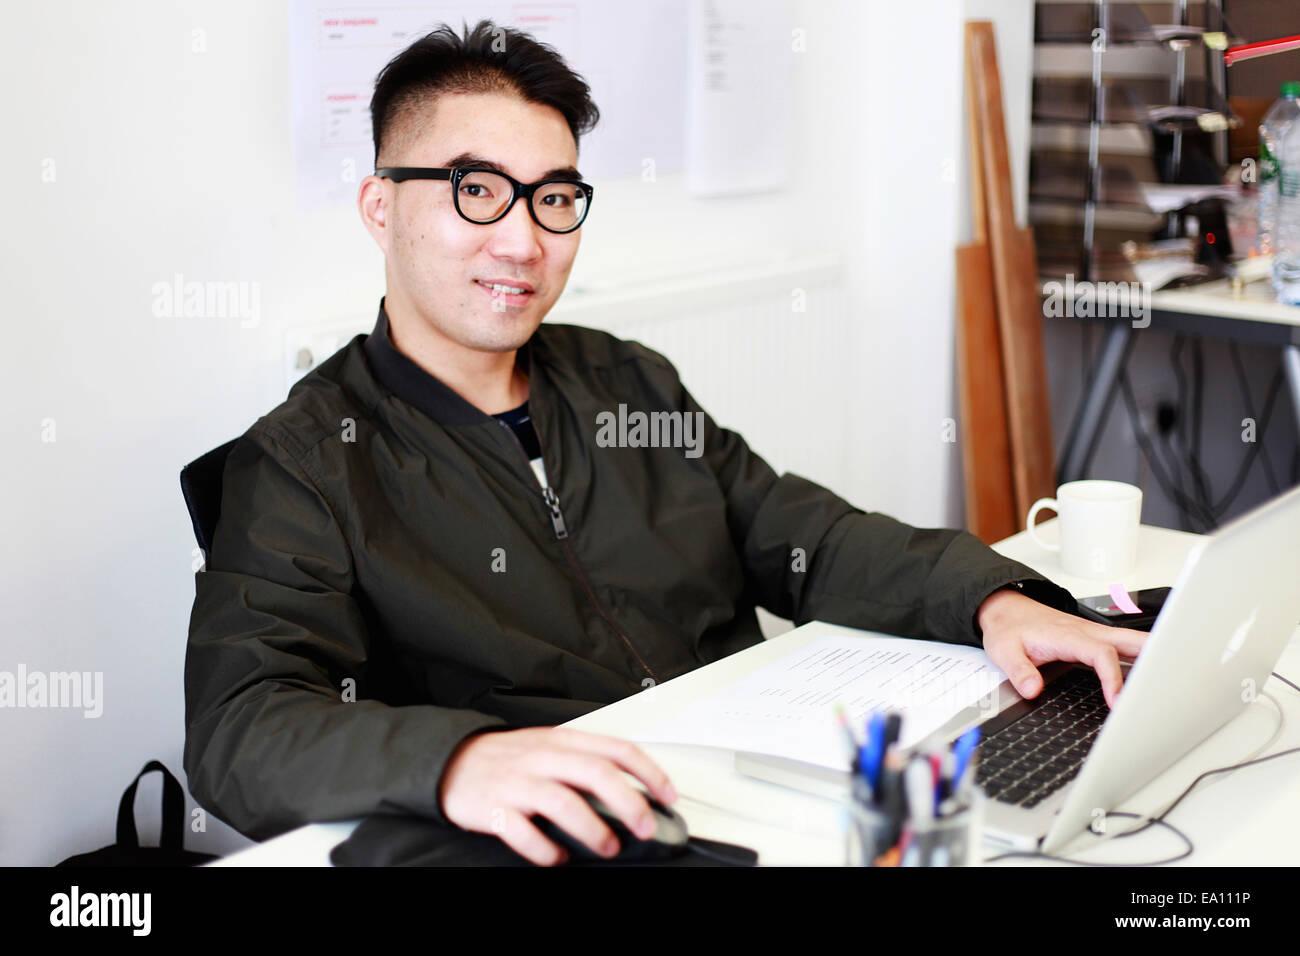 Porträt des männlichen Architekten am Schreibtisch Stockbild